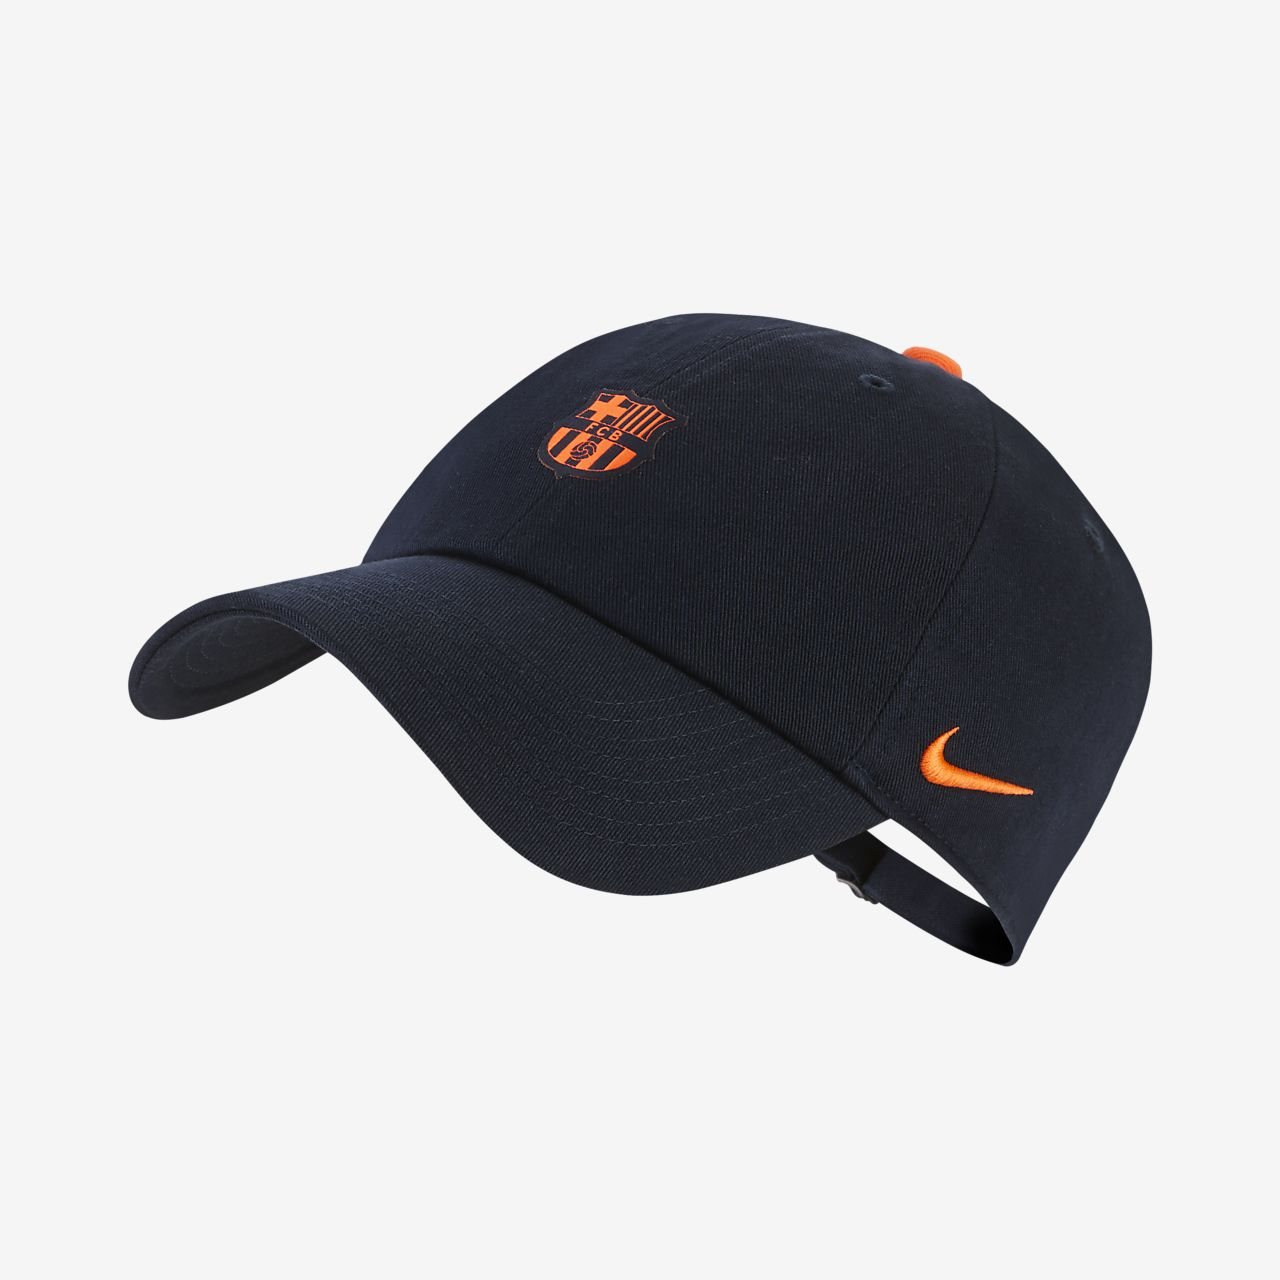 116a648bd0 FC Barcelona Heritage 86 Adjustable Hat. Nike.com NO